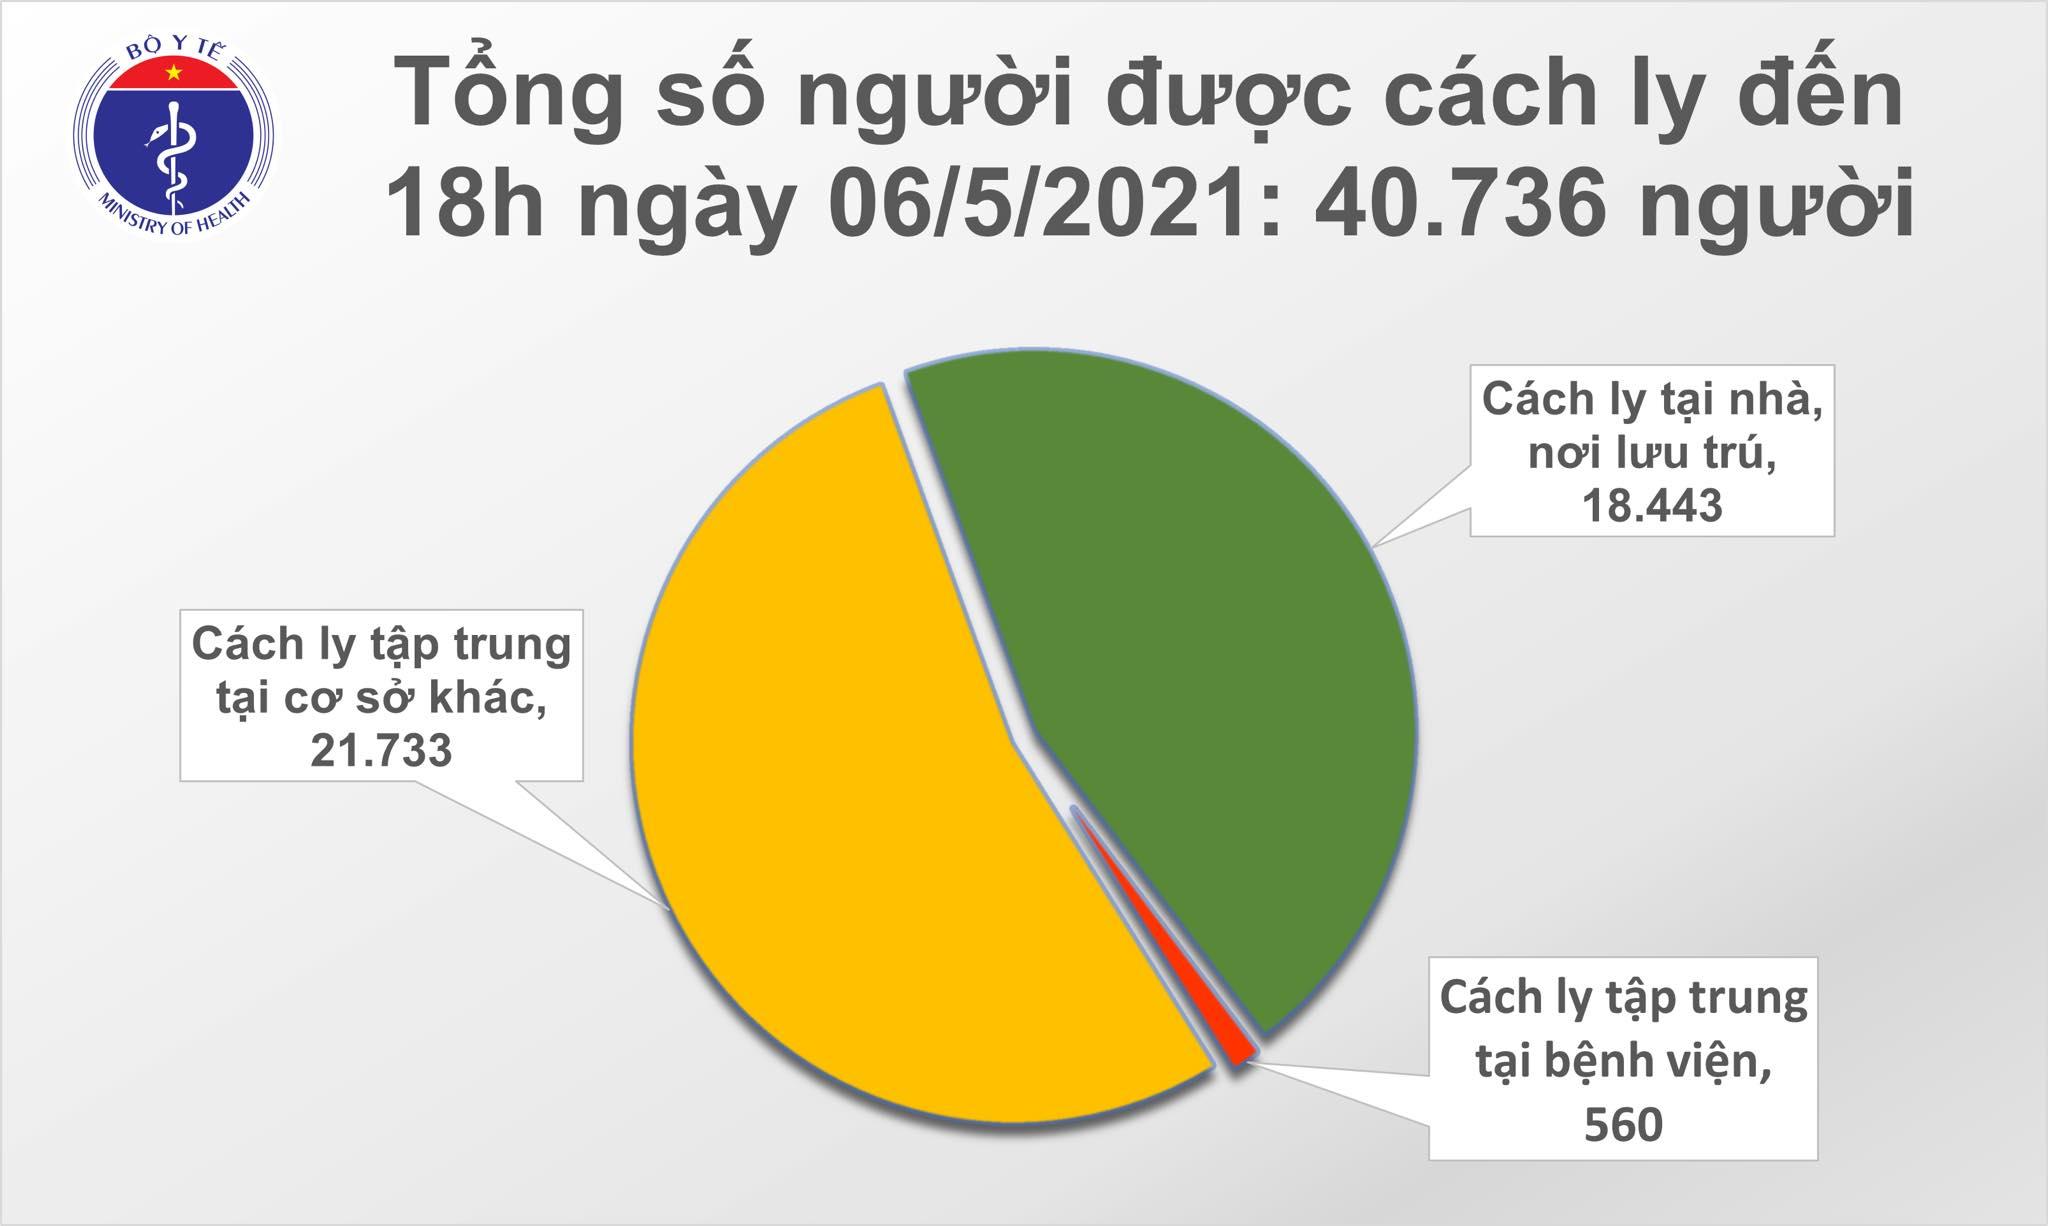 Tối 6/5: Thêm 60 ca mắc COVID-19, có 56 ca ghi nhận trong nước 1